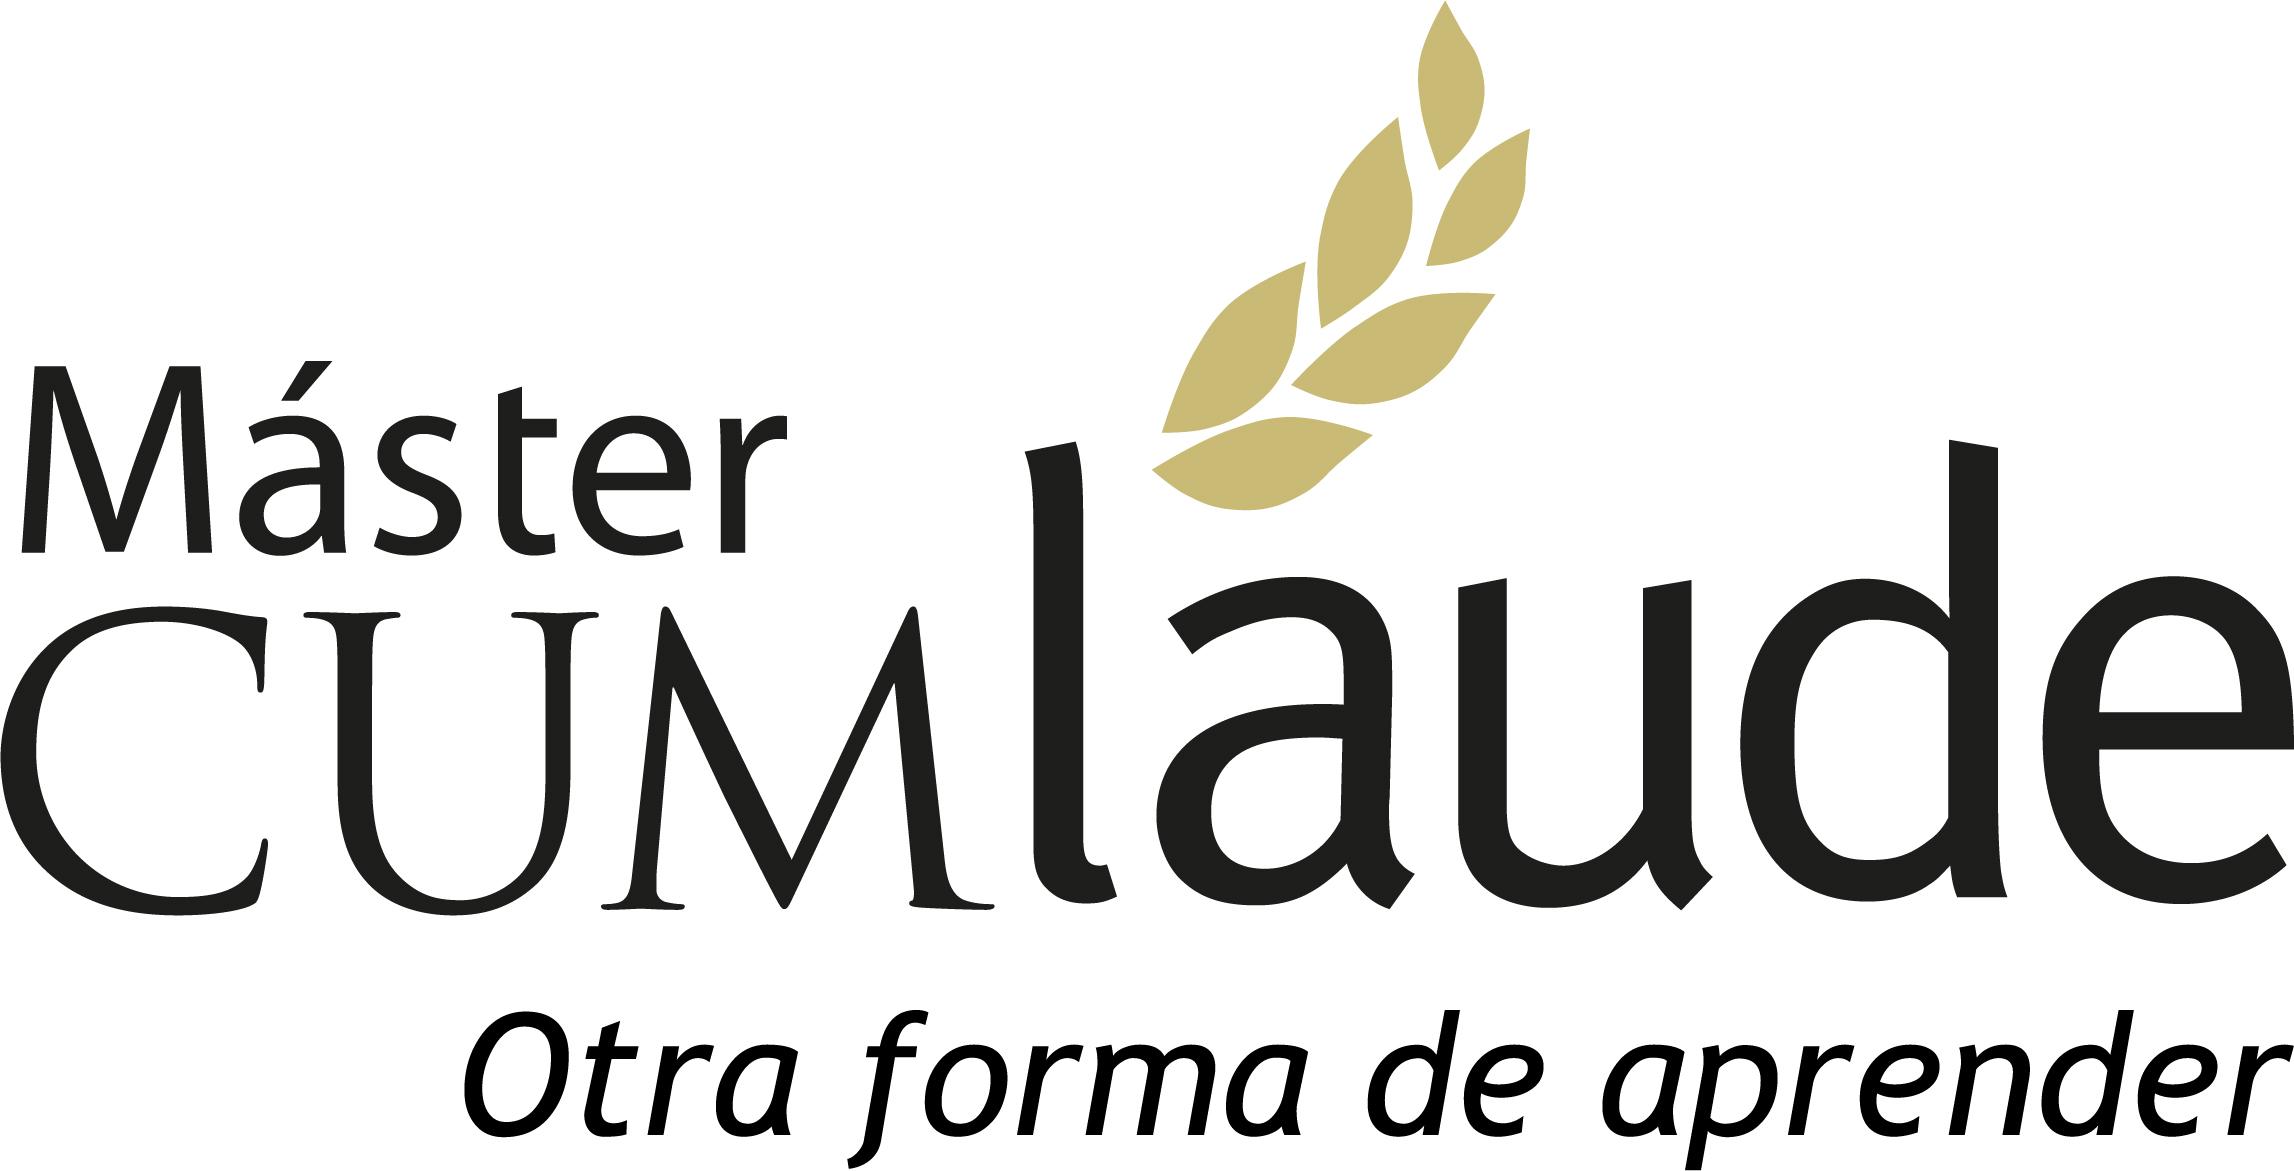 Máster online Maestrías Cursos Formación · Máster Cumlaude